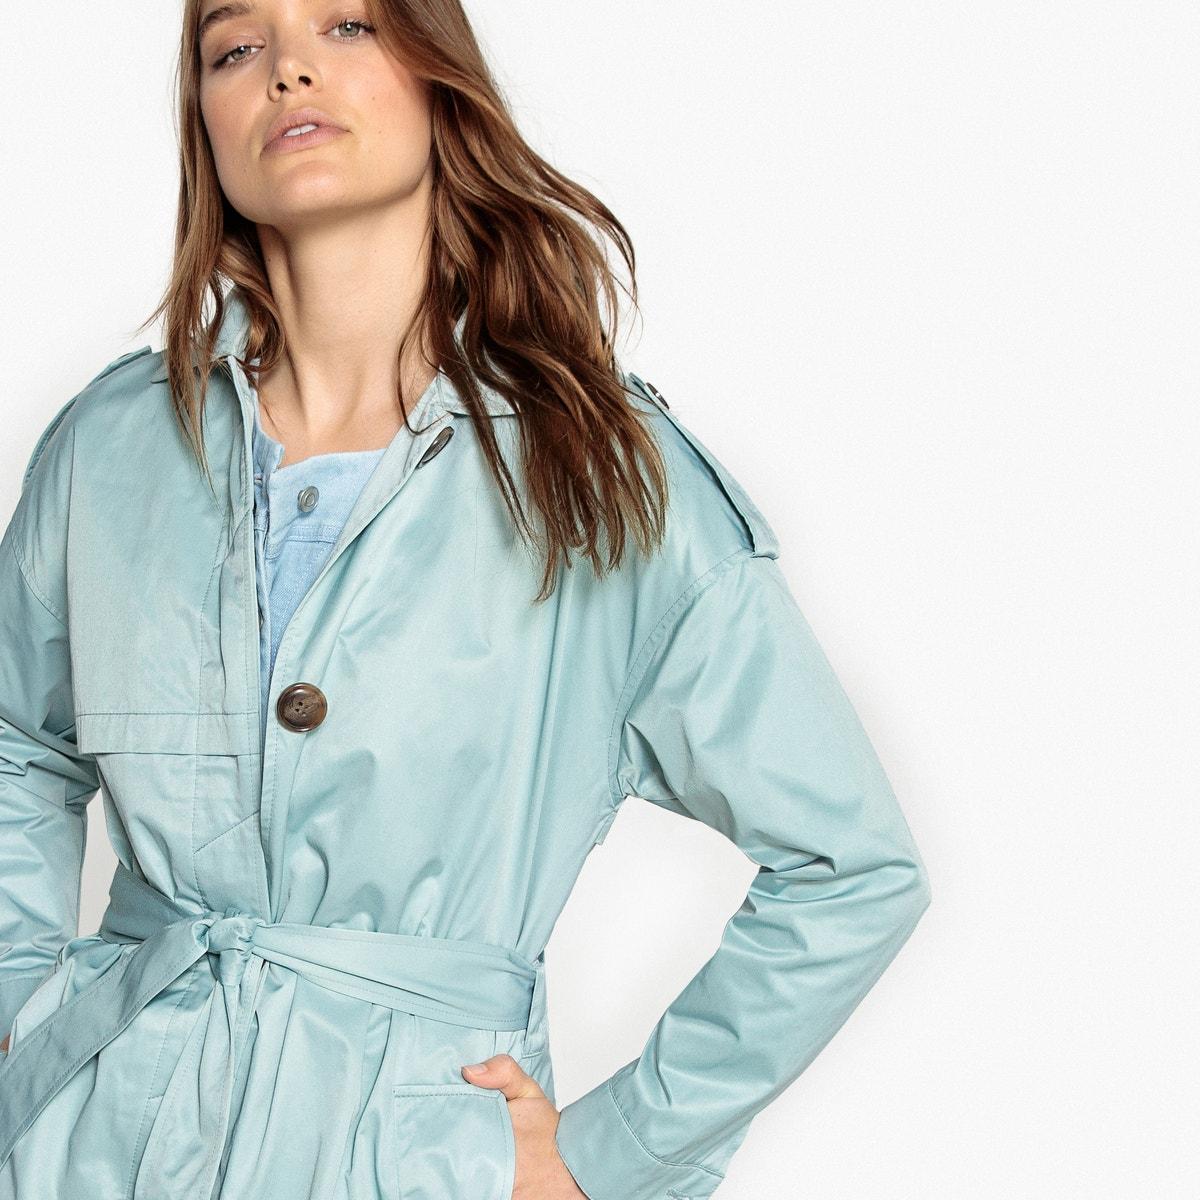 Coat Collections La Kvinder Trench Redoute RSw5qIxz